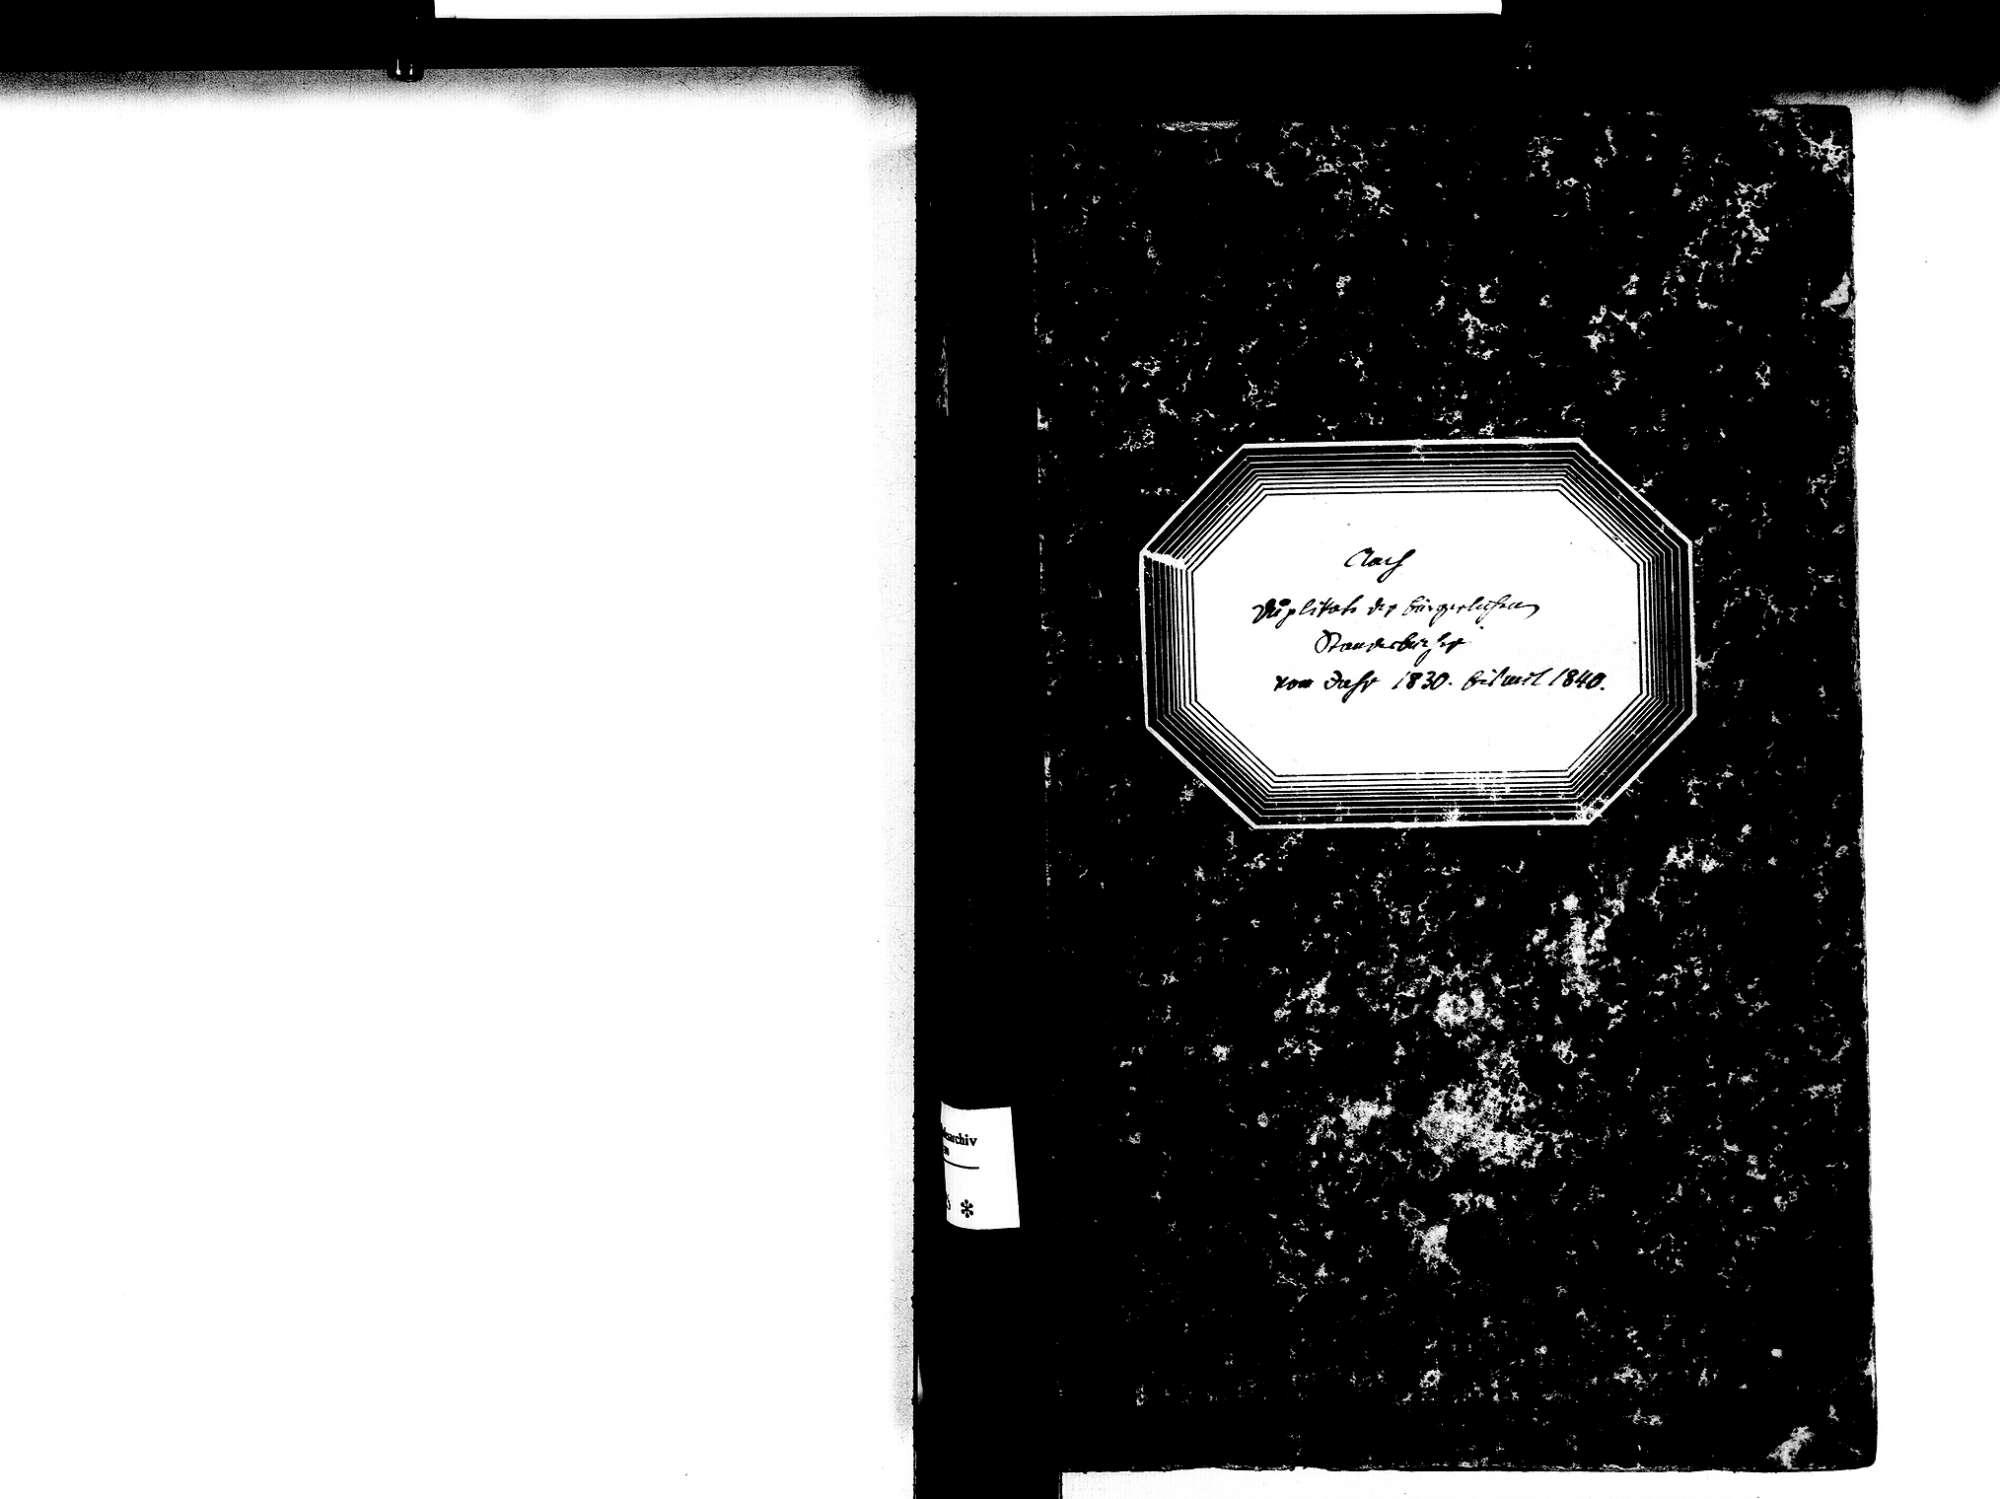 Aach KN; Katholische Gemeinde: Standesbuch 1830-1840, Bild 2